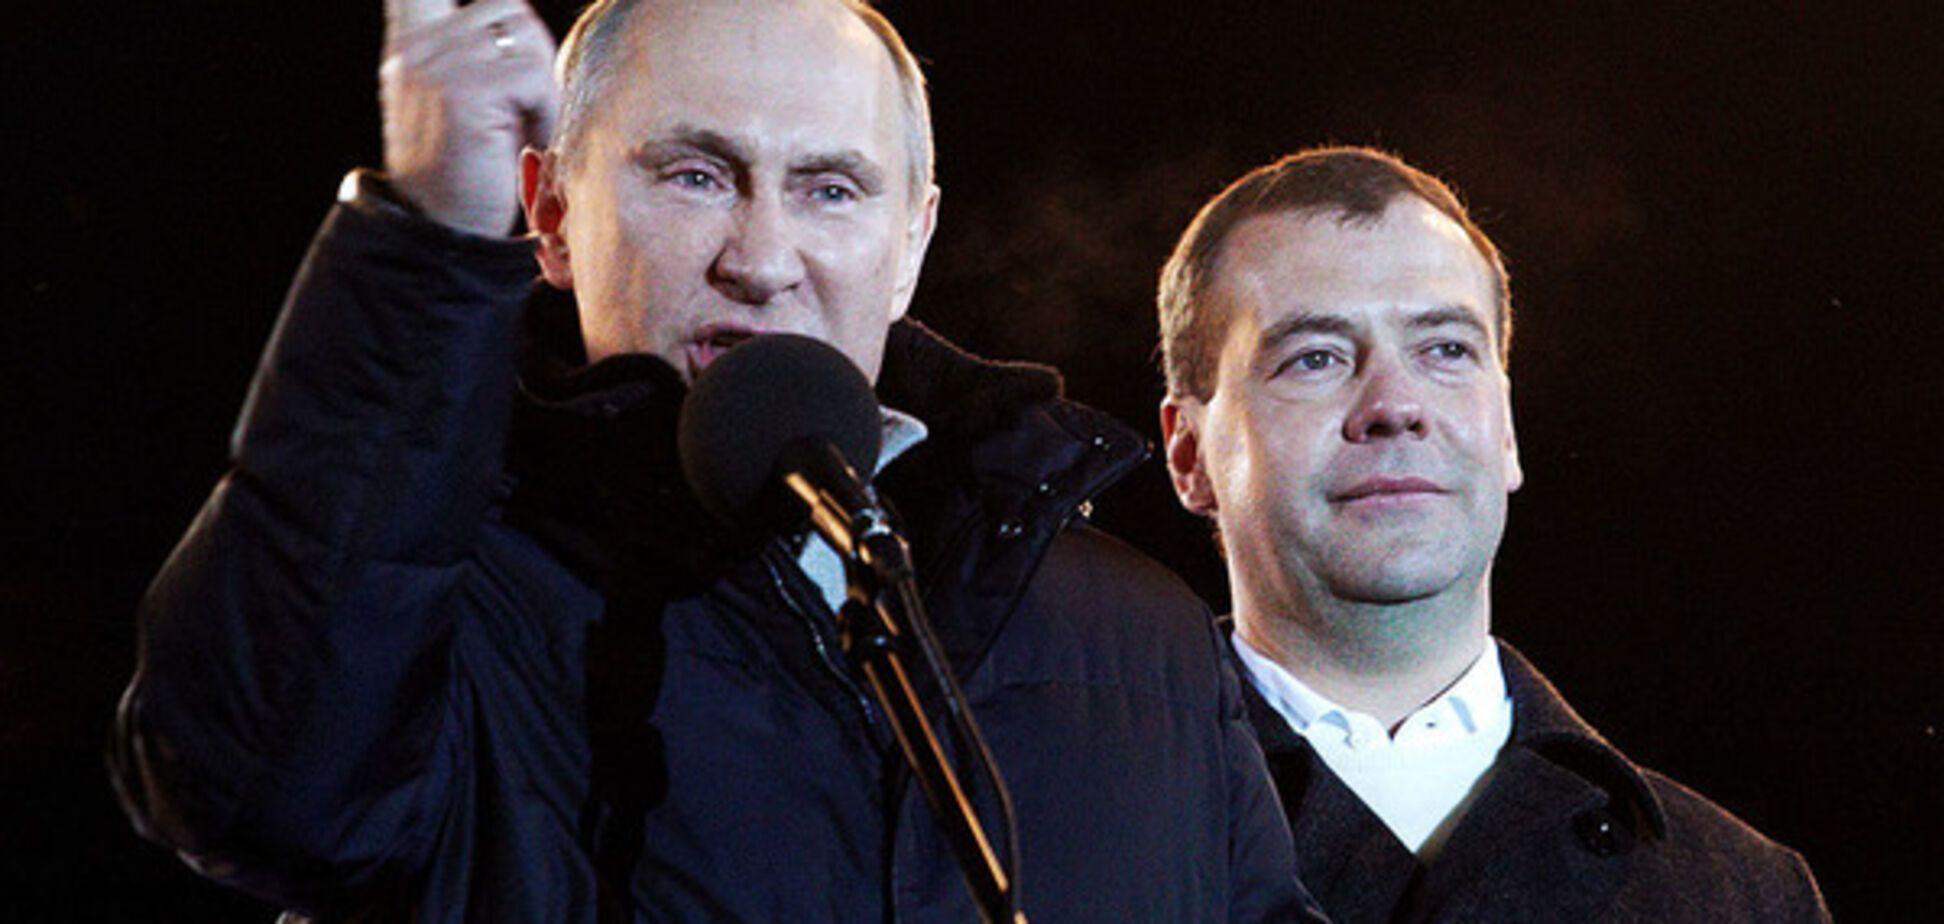 владимир путин выборы 2012